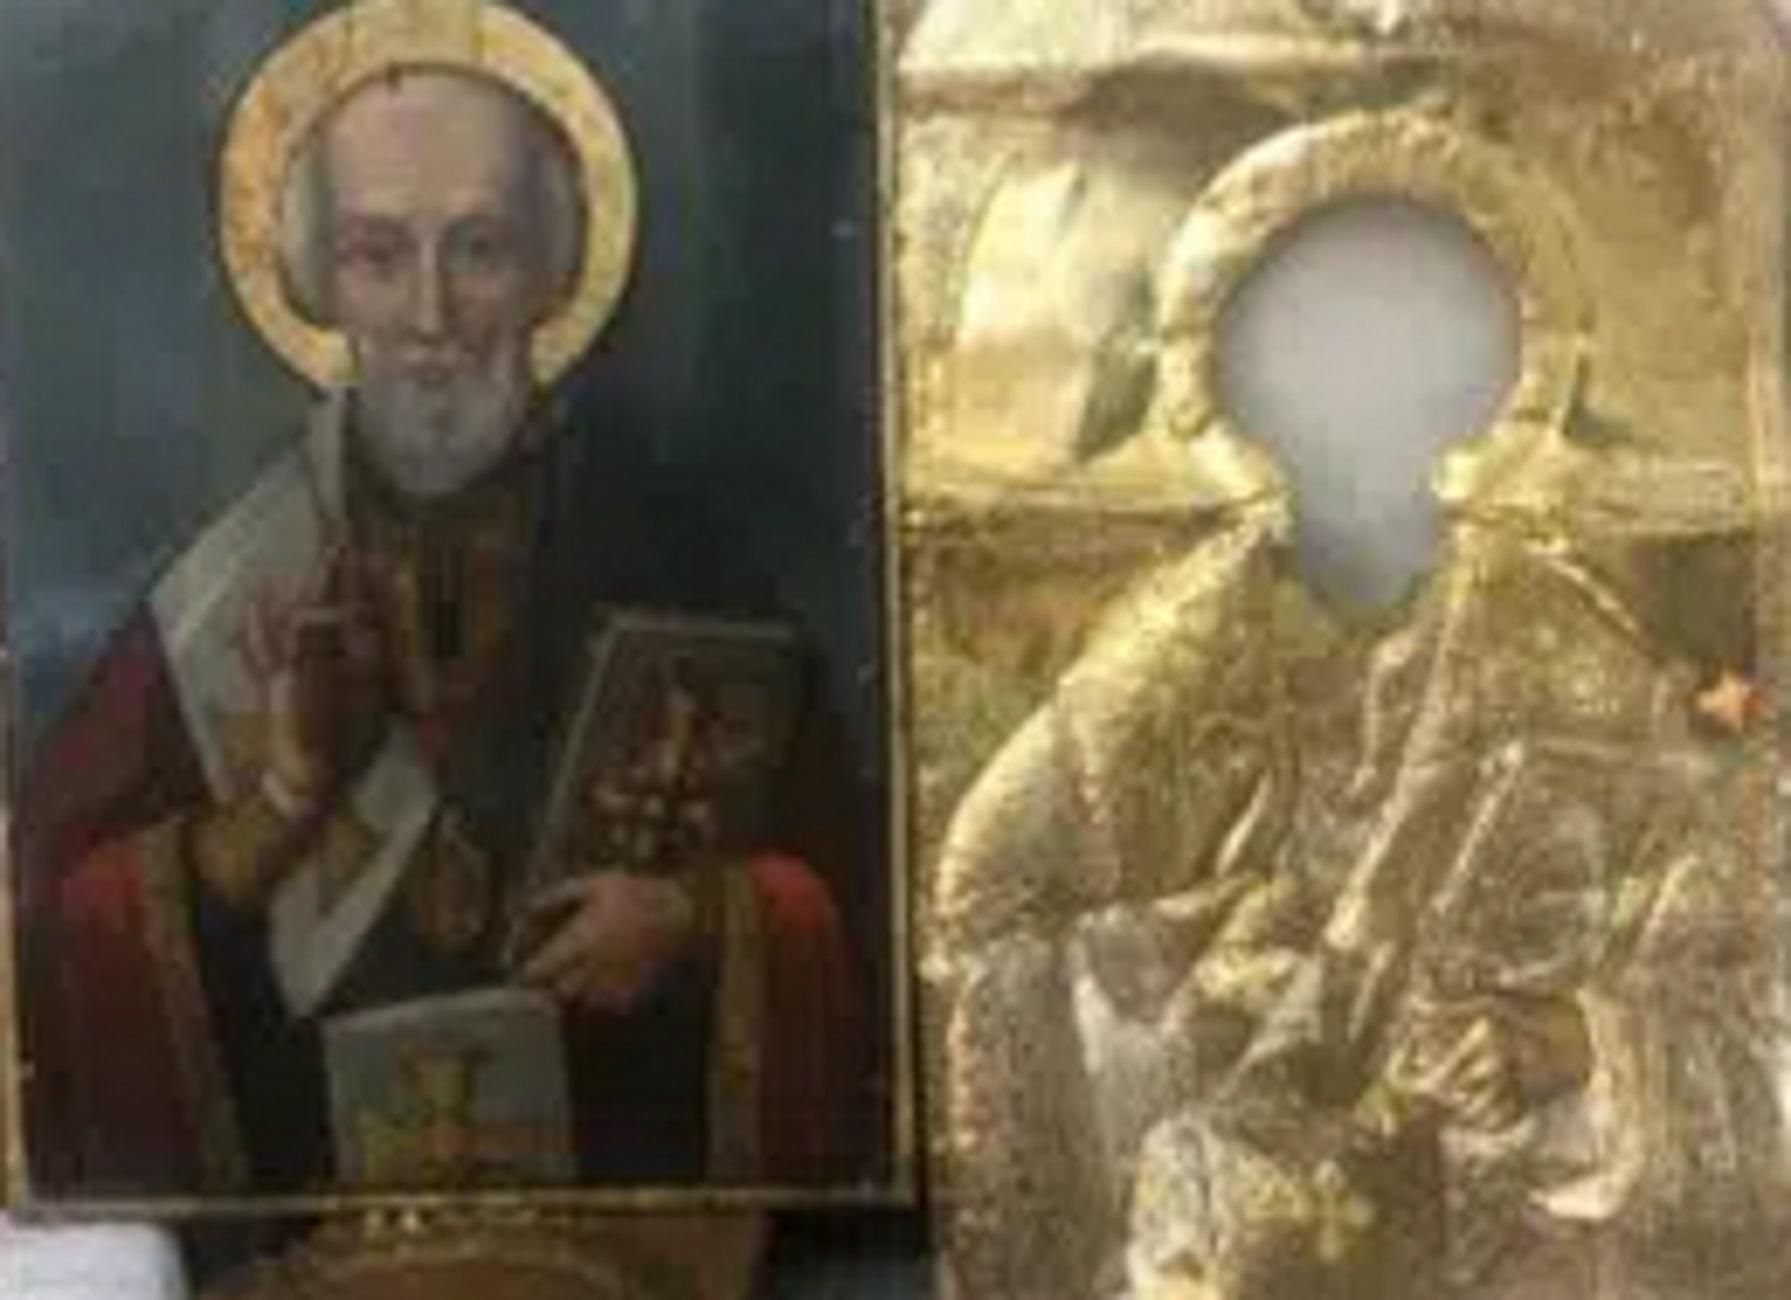 Πάτρα: Η ιστορία με αυτή την εικόνα του Αγίου Νικολάου που προκάλεσε συγκίνηση στους πιστούς